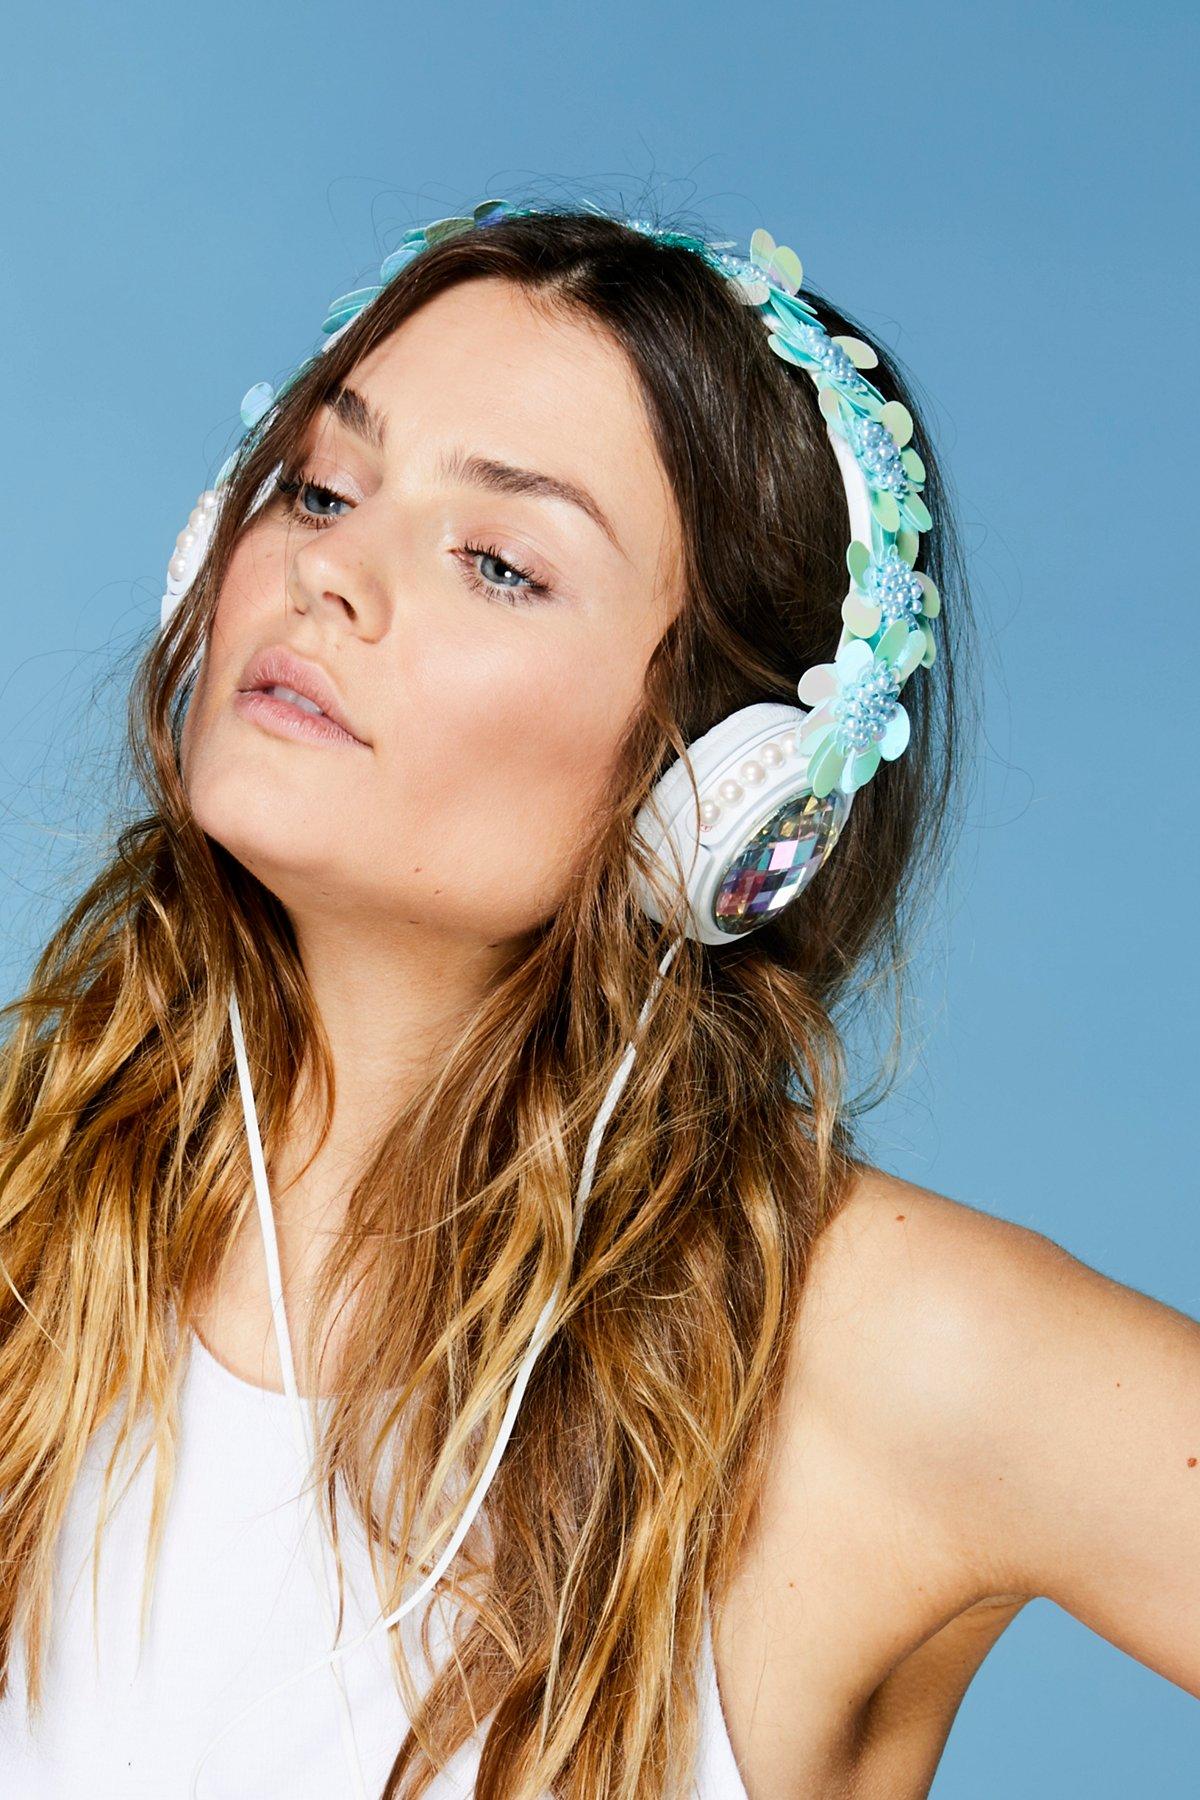 Bling Bling Headphones